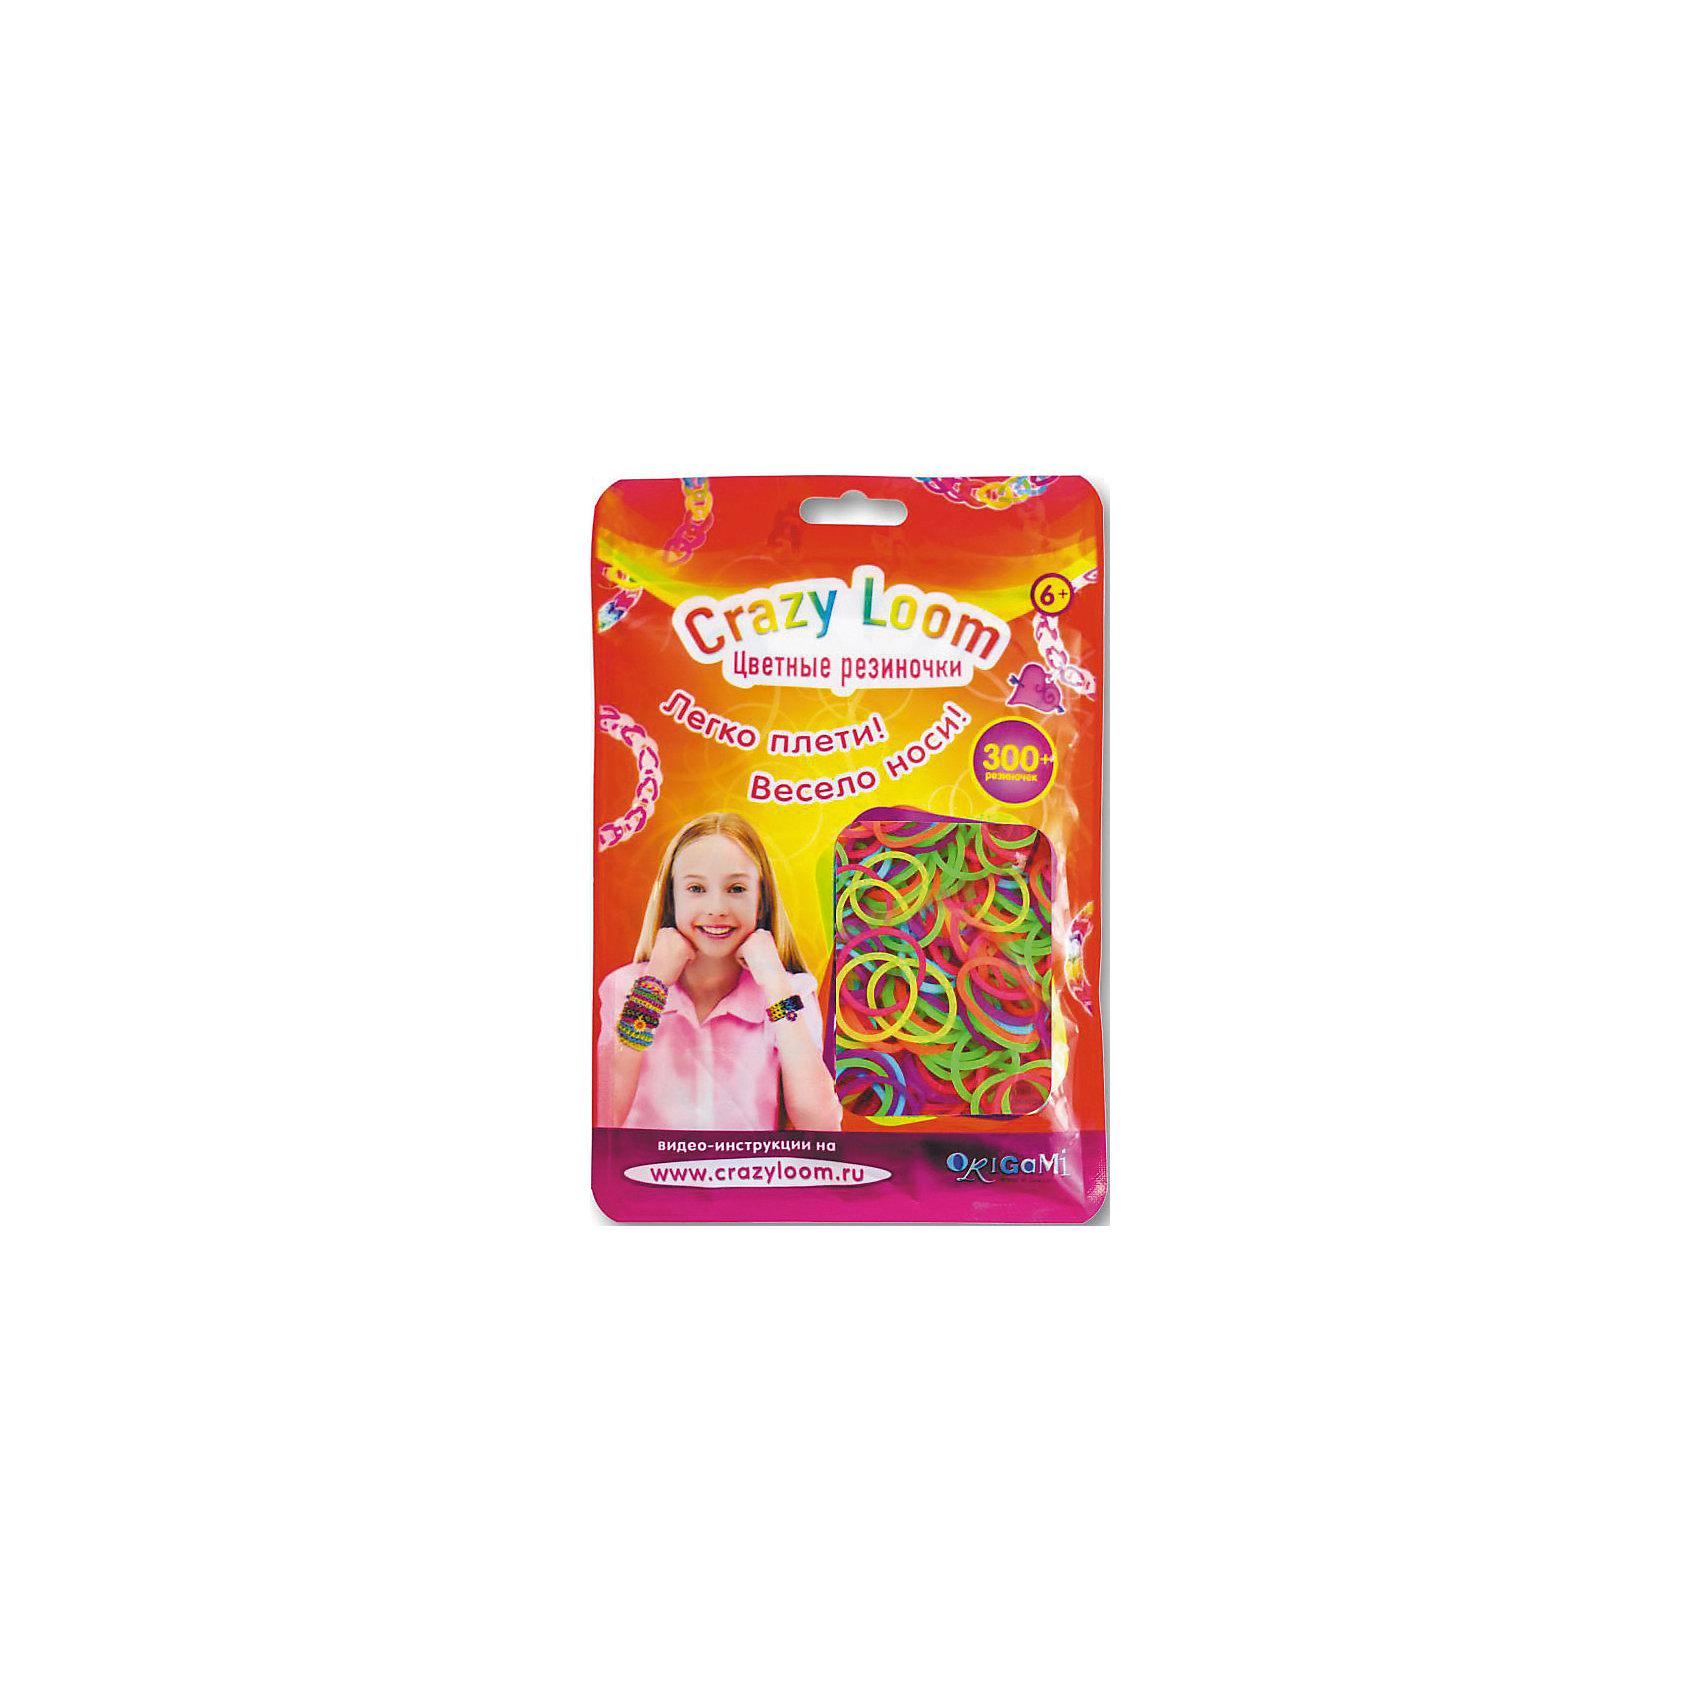 Набор резиночек для плетения Неон 300 шт, Crazy LoomНаборы Crazy Loom. Цветные резиночки - это веселое развлечение для детей и взрослых. Весь мир с удовольствием плетет разнообразные украшения для себя и друзей. Присоединяйтесь и Вы!  Цветные резиночки это уникальная возможность проявить свою фантазию и творческие способности! <br><br>Дополнительная информация:<br><br>В наборе:<br>- 300 резиночек, <br>- крючок, <br>- 15 замочков,                                     <br><br>Набор резиночек для плетения Неон (300шт), Crazy Loom можно купить в нашем магазине.<br><br>Ширина мм: 170<br>Глубина мм: 116<br>Высота мм: 10<br>Вес г: 33<br>Возраст от месяцев: 72<br>Возраст до месяцев: 180<br>Пол: Женский<br>Возраст: Детский<br>SKU: 3998103